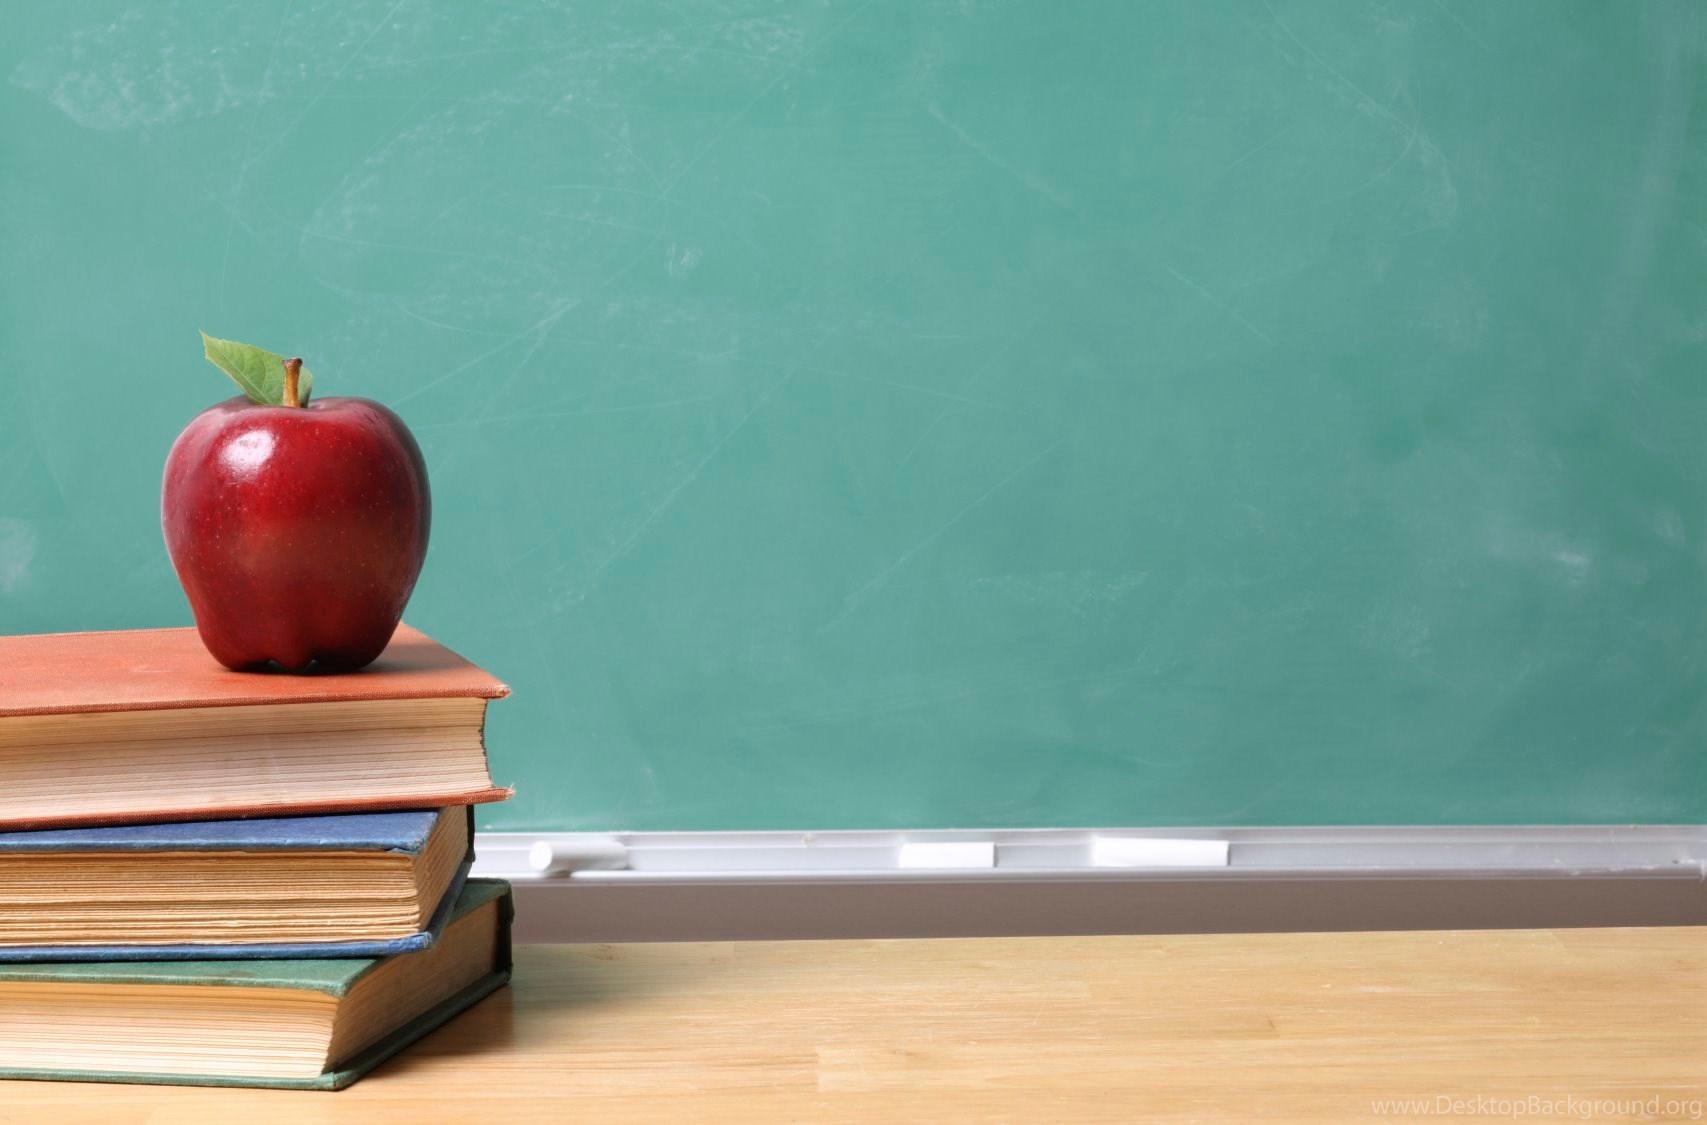 Other Wallpaper: School Chalkboard Desktop Wallpapers For HD .